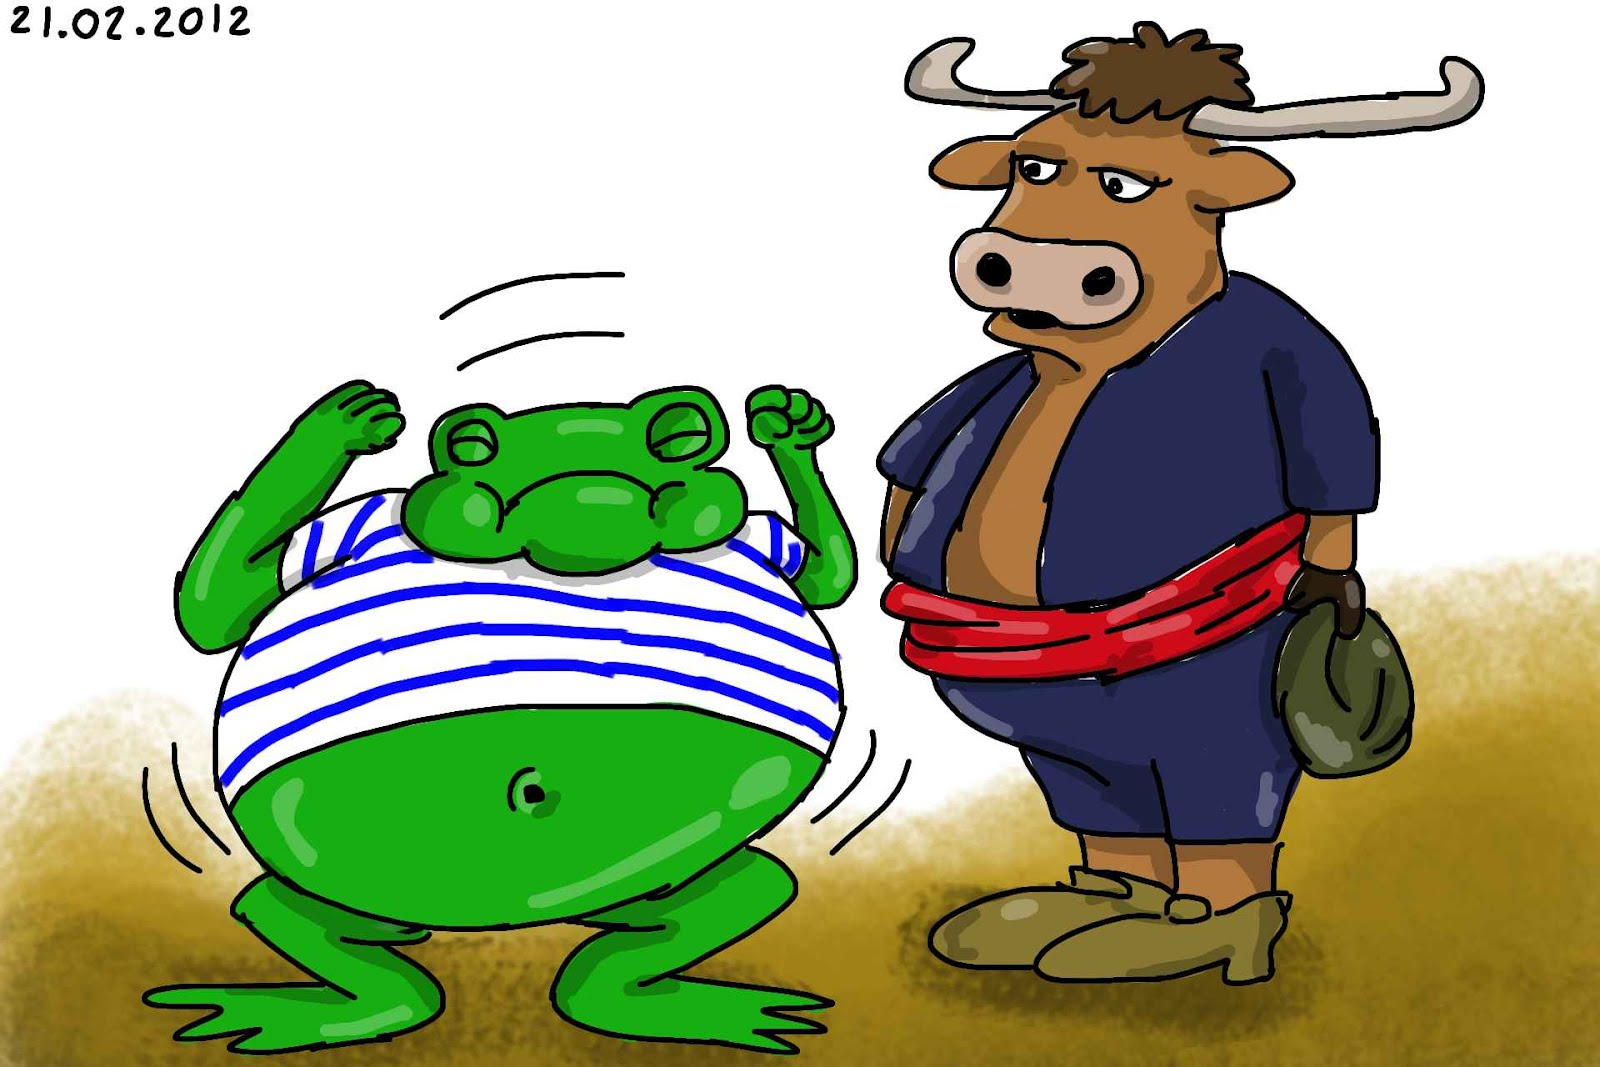 Le monde de catherine cointe la grenouille et le boeuf - Image la grenouille et le boeuf ...